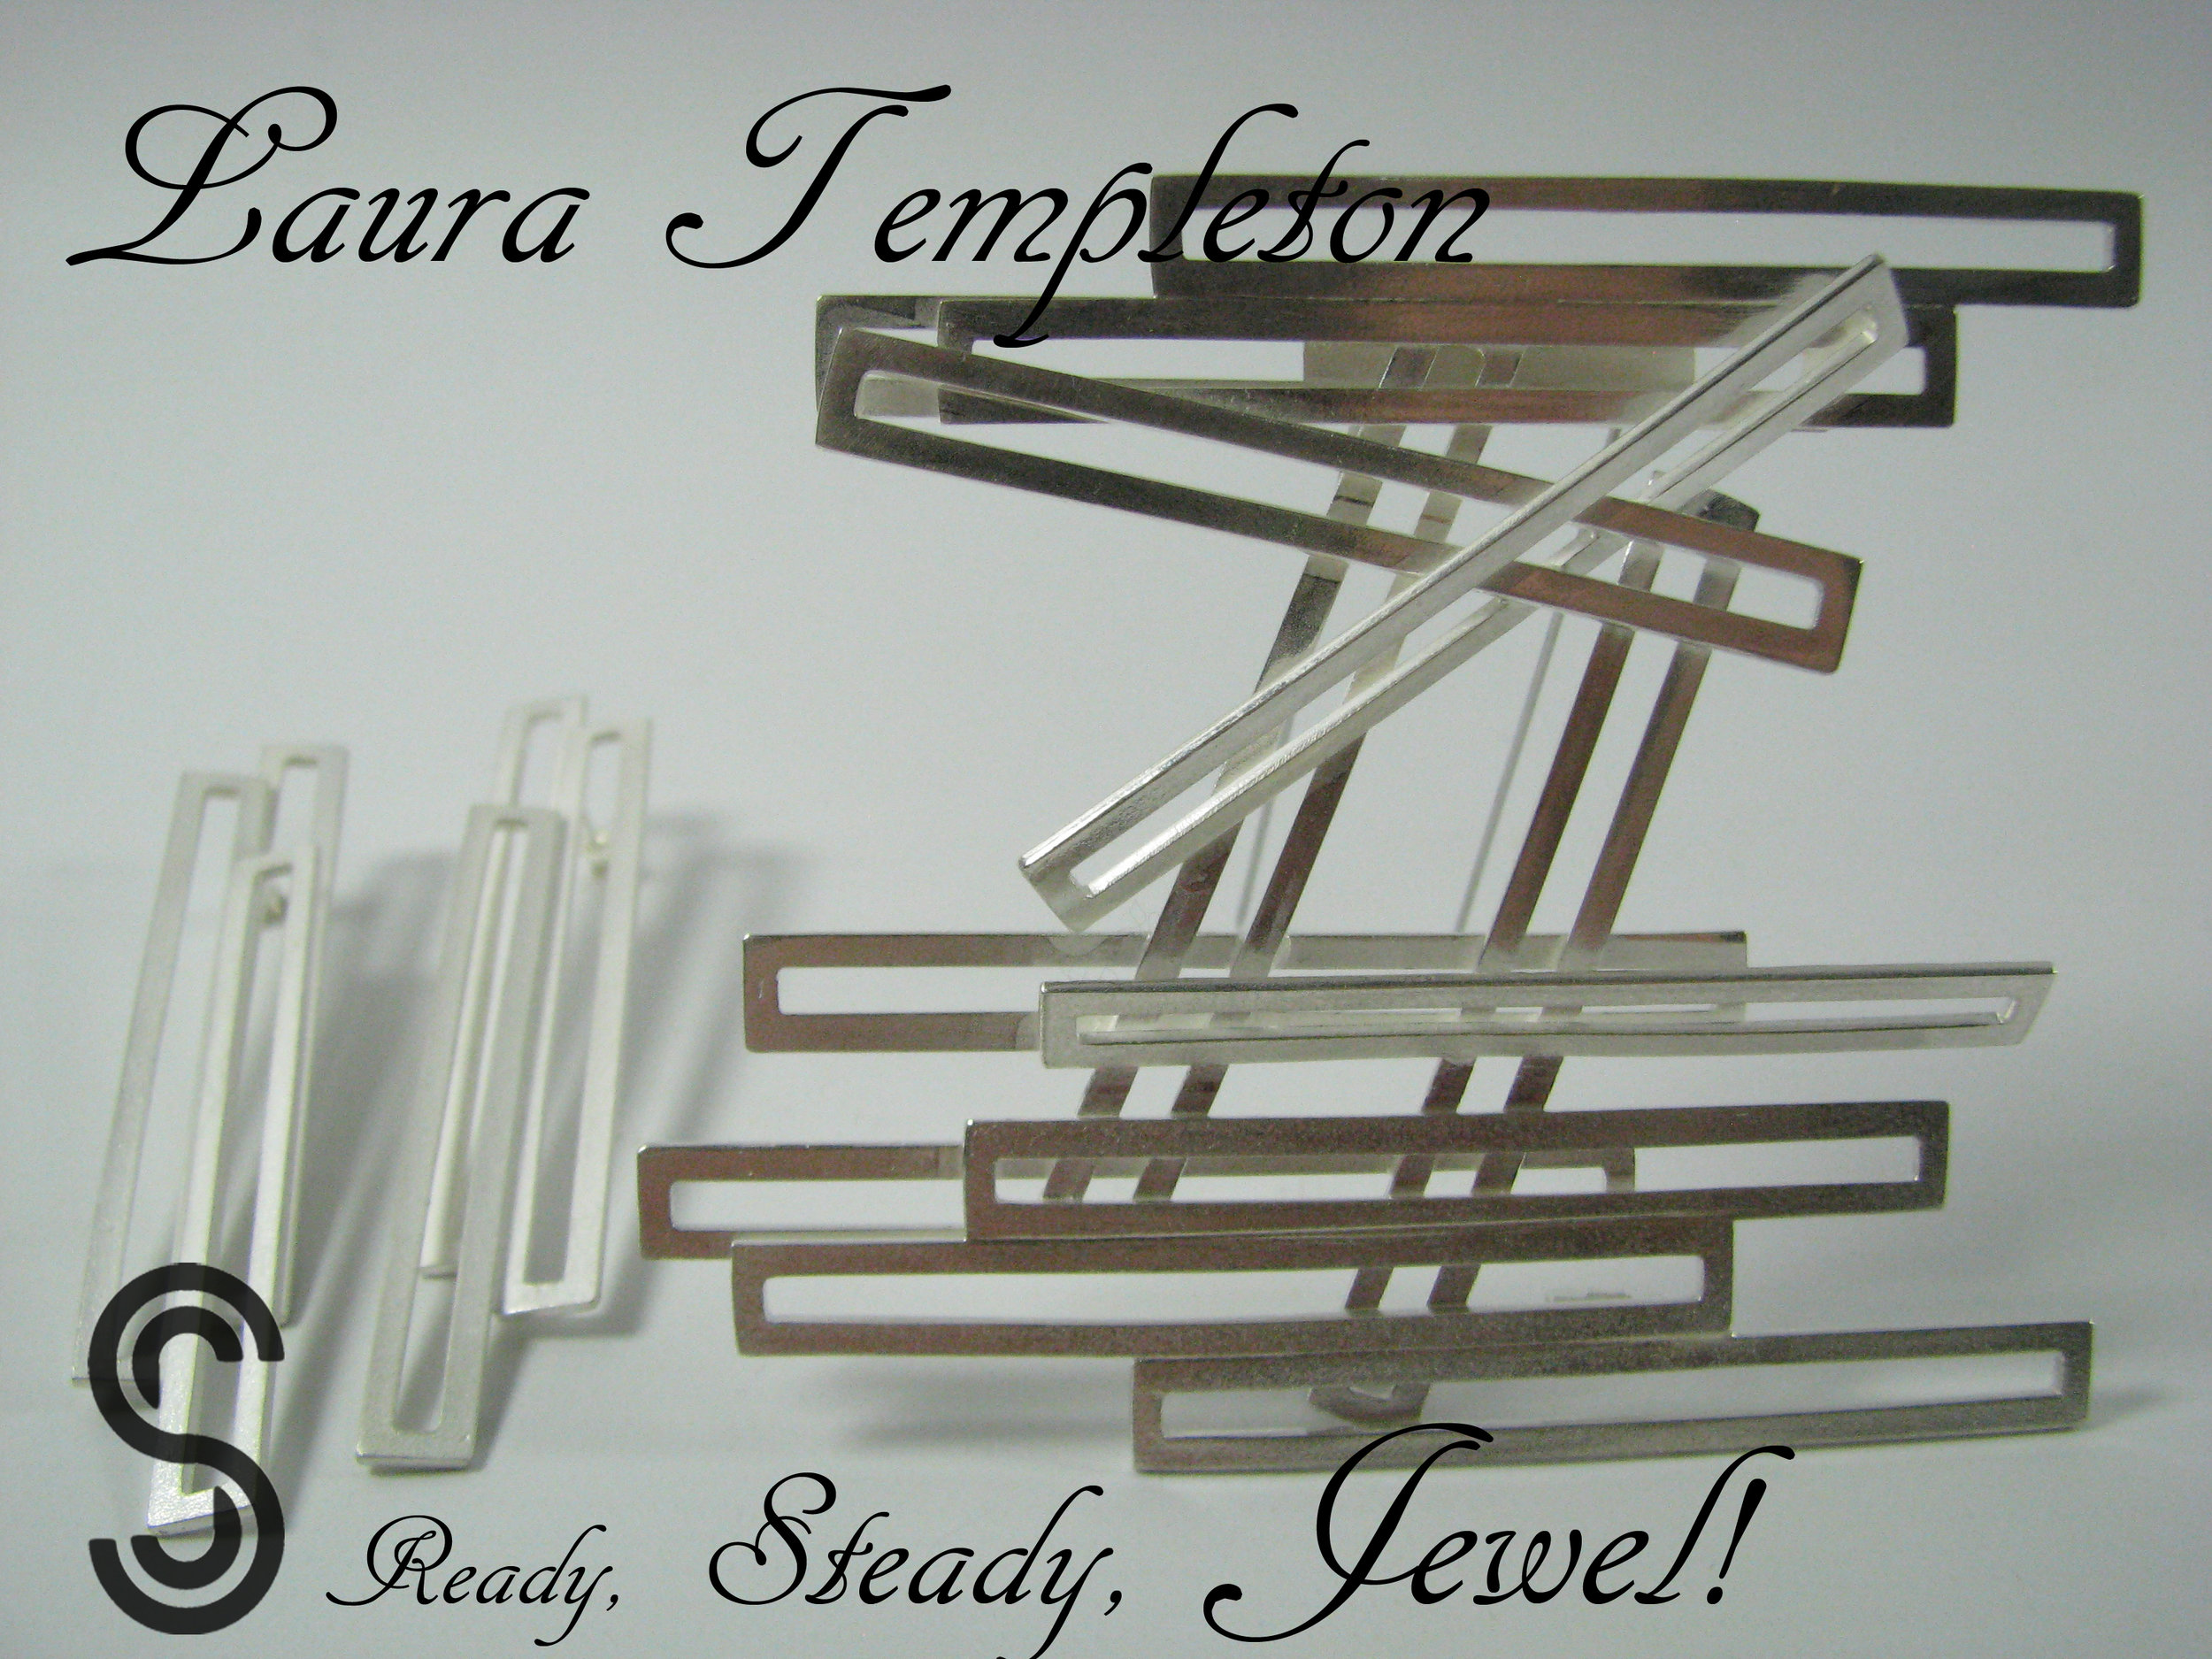 Laura Templeton.jpg